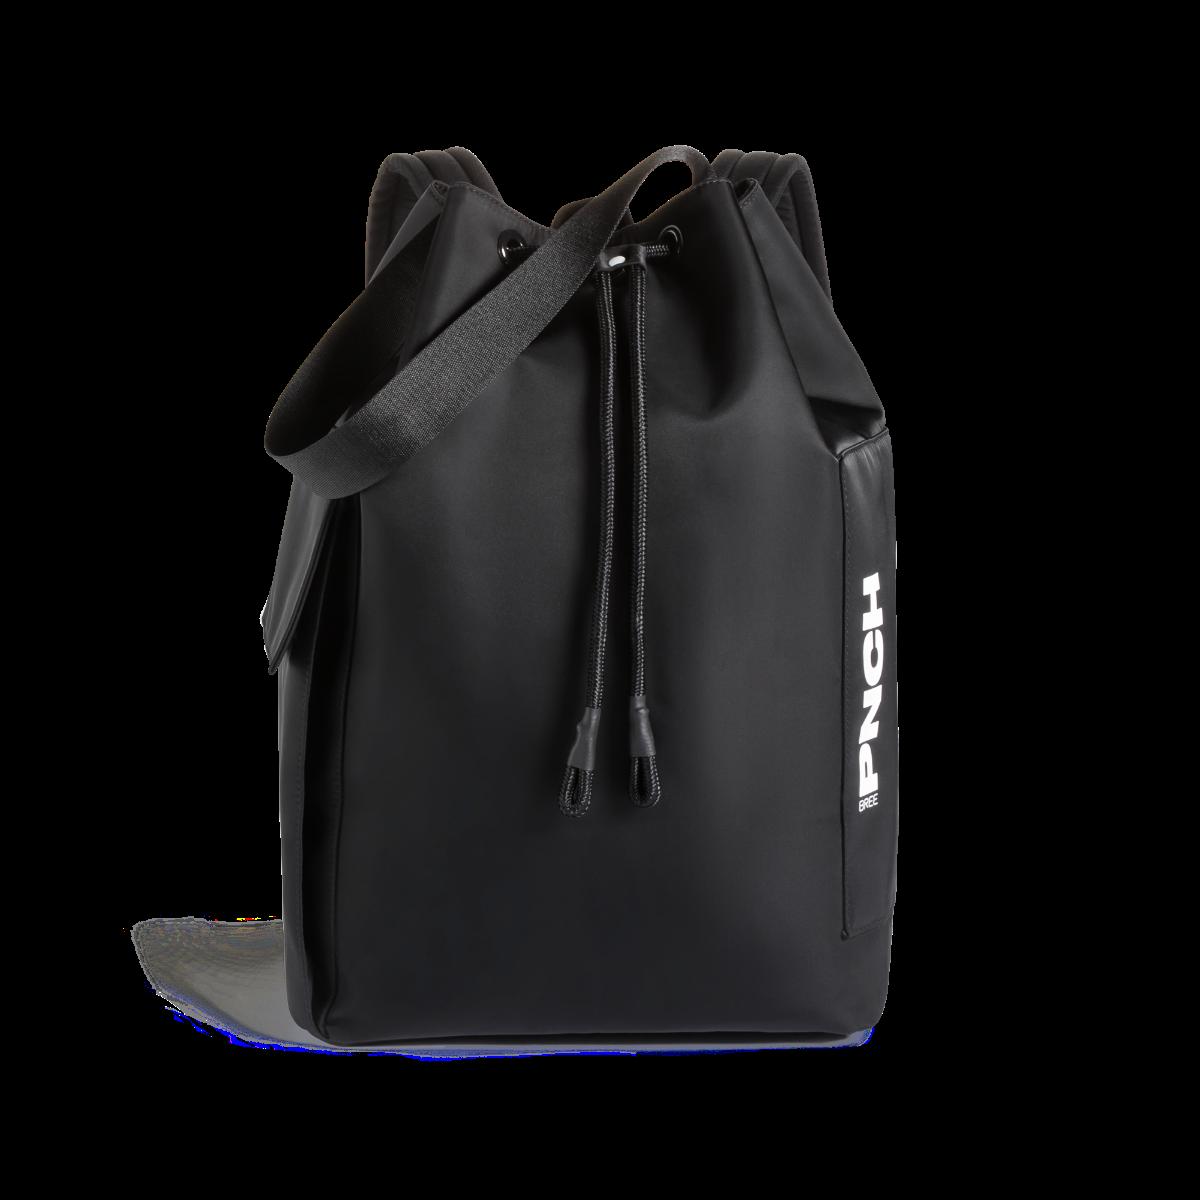 Pnch Neo 4 - Black - Kit Bag